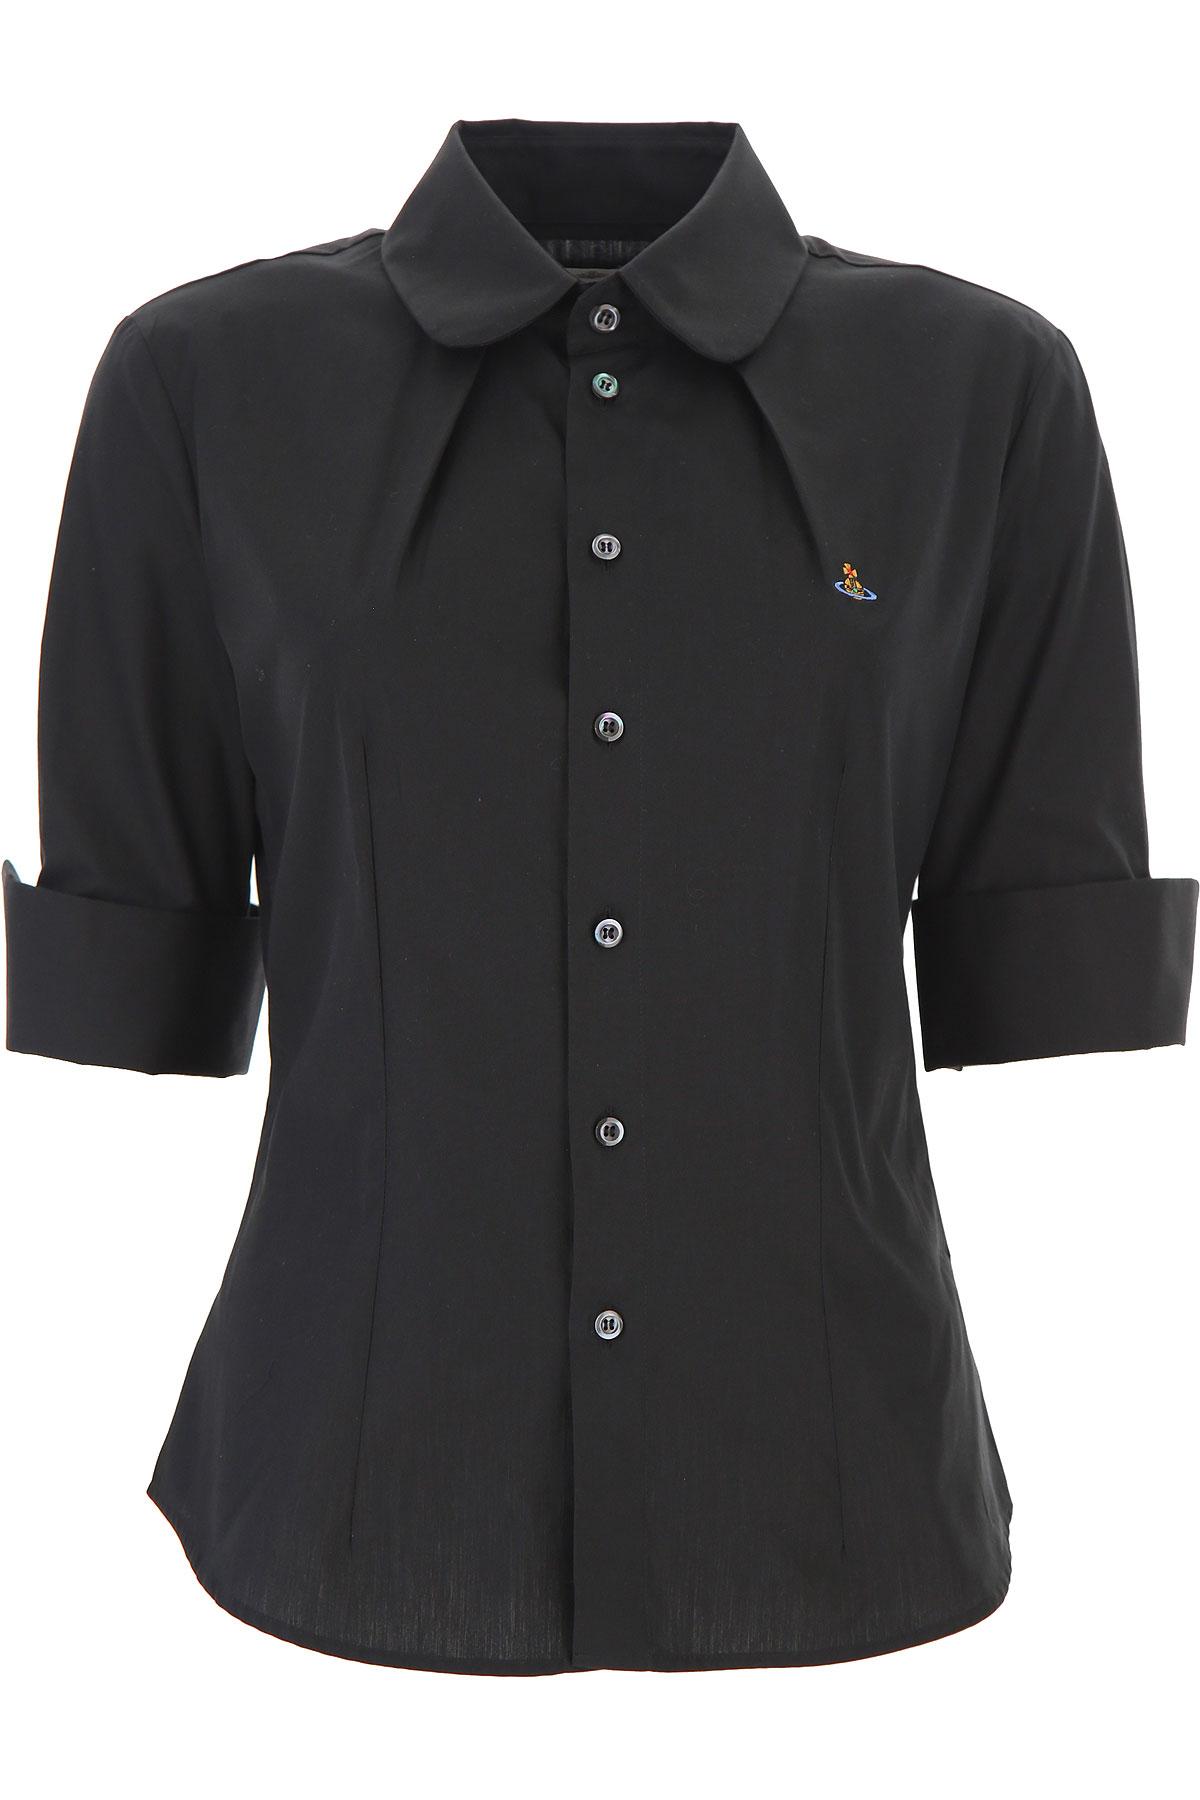 Vivienne Westwood Chemise Femme, Noir, Coton, 2017, 40 44 46 M